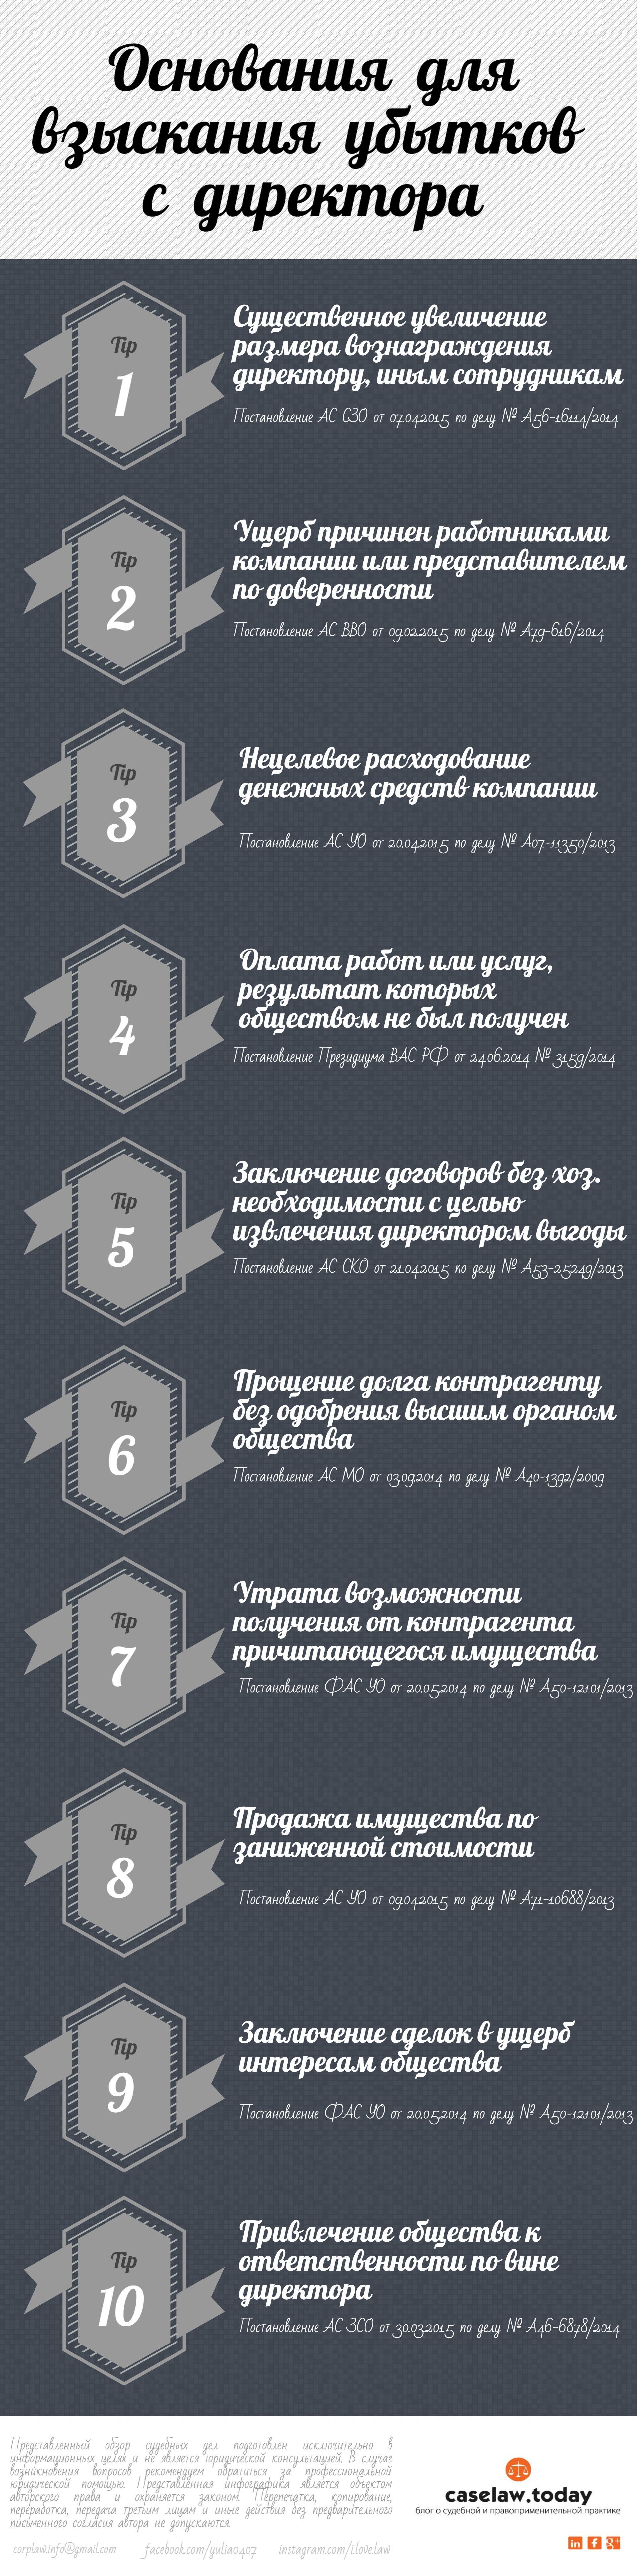 Osnovaniya_4311824_17293091